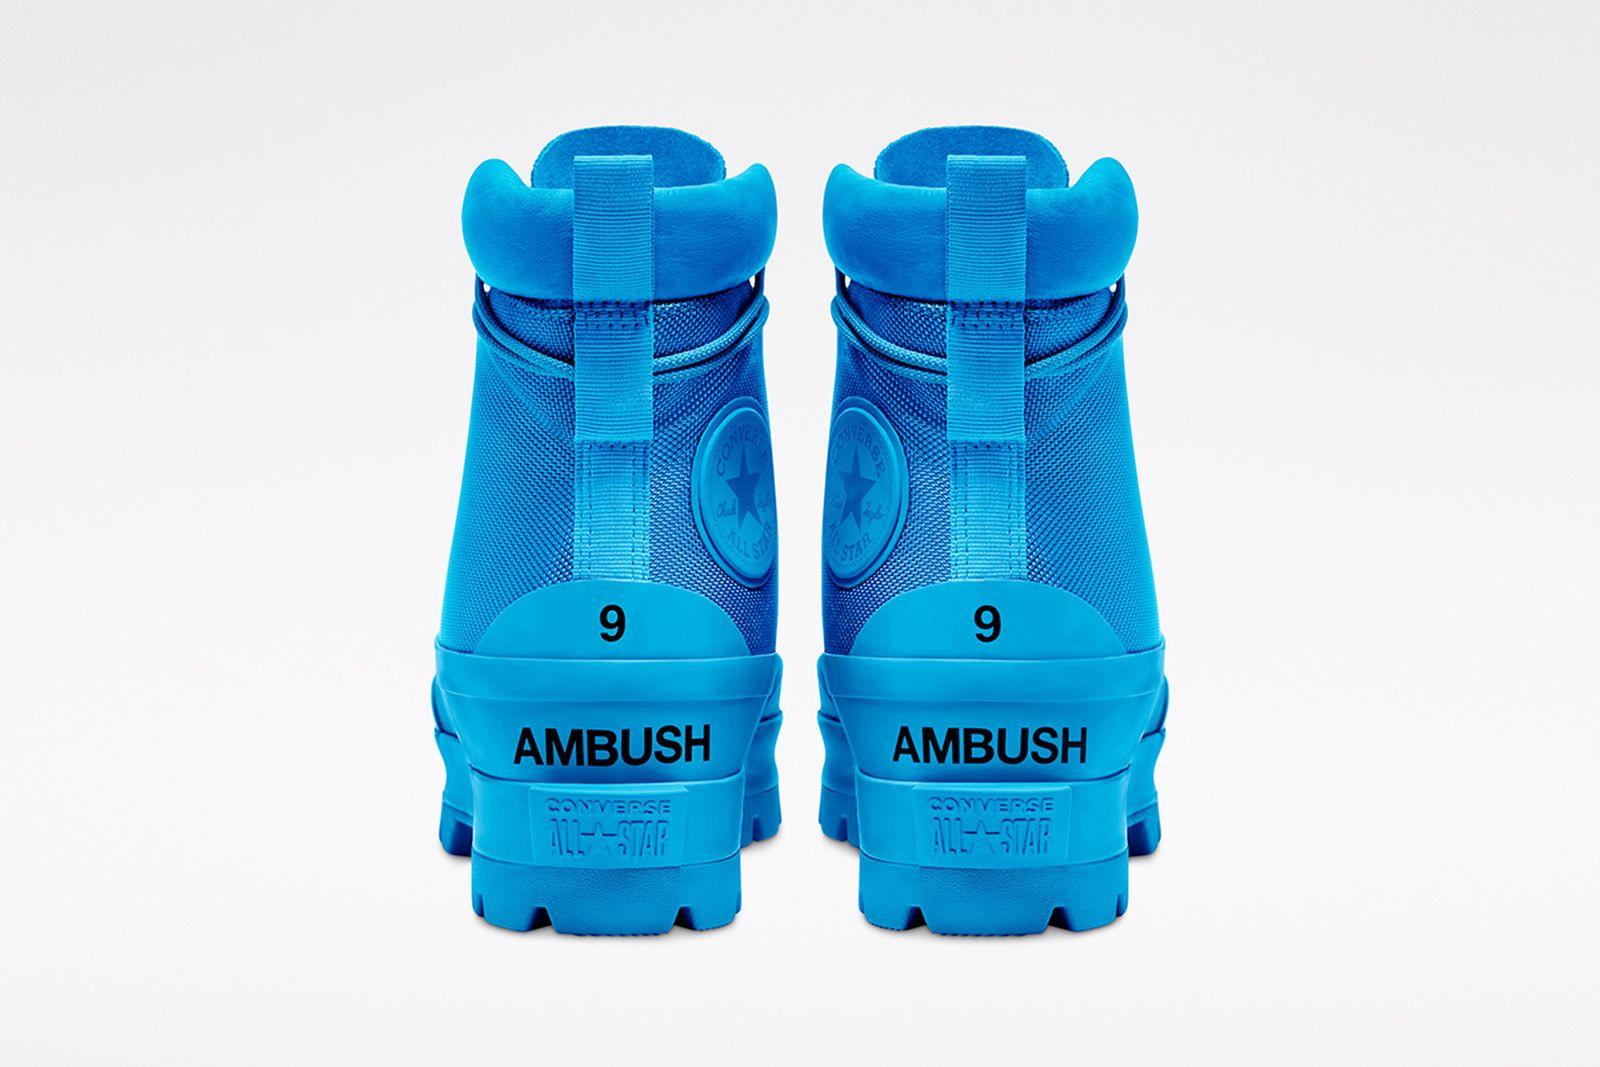 ambush-converse-ctas-duck-boot-release-date-price-1-07